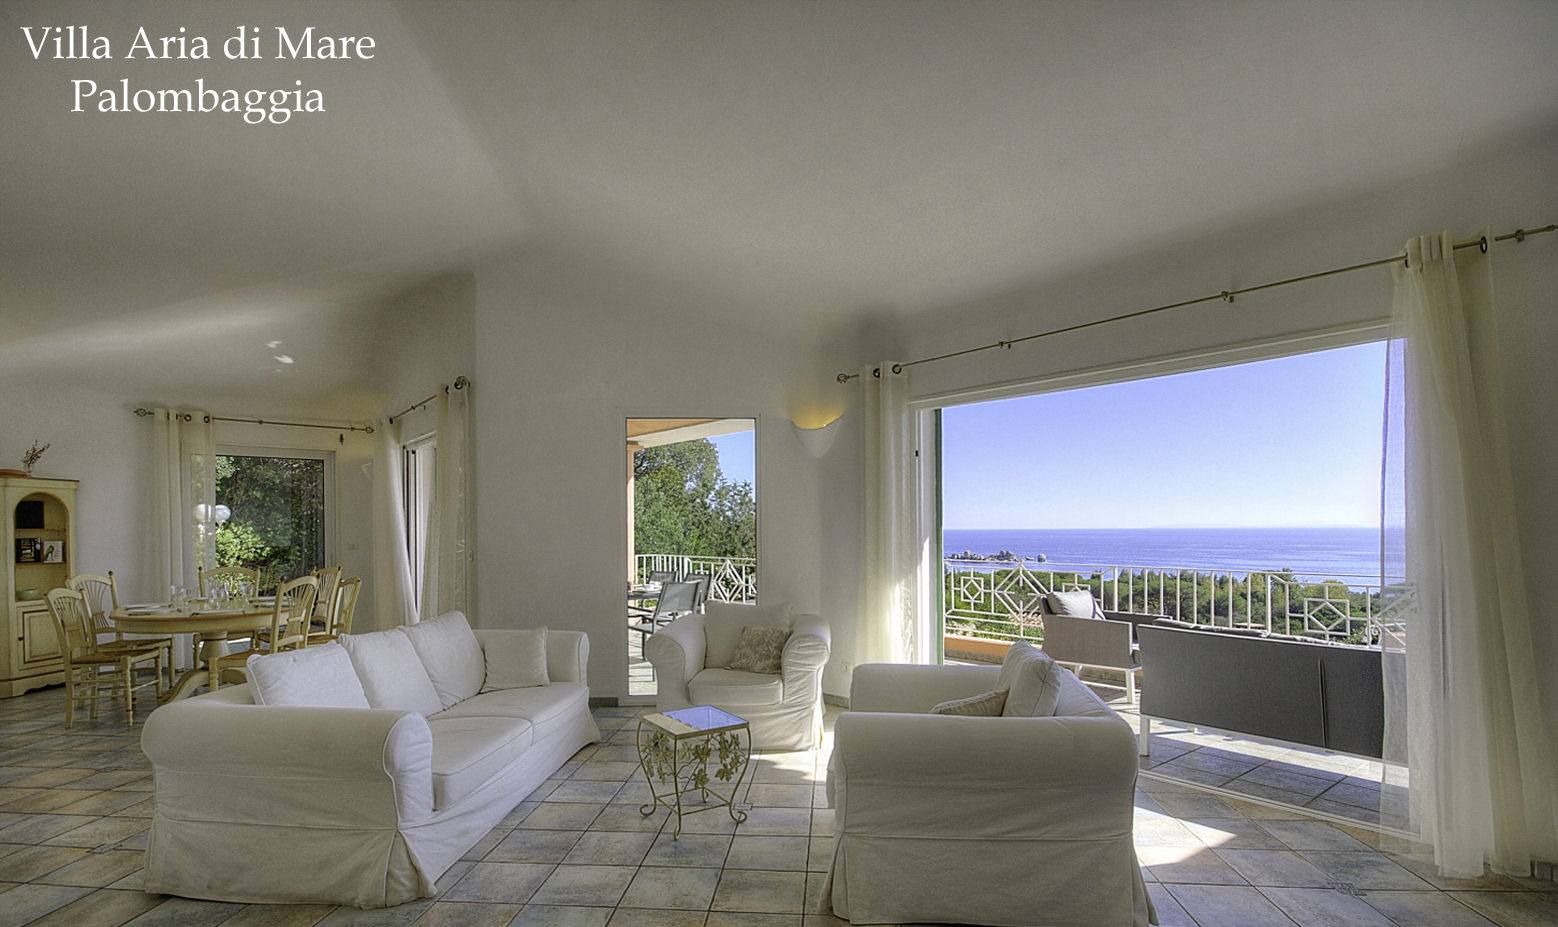 Villa luxe Palombaggia bord de mer